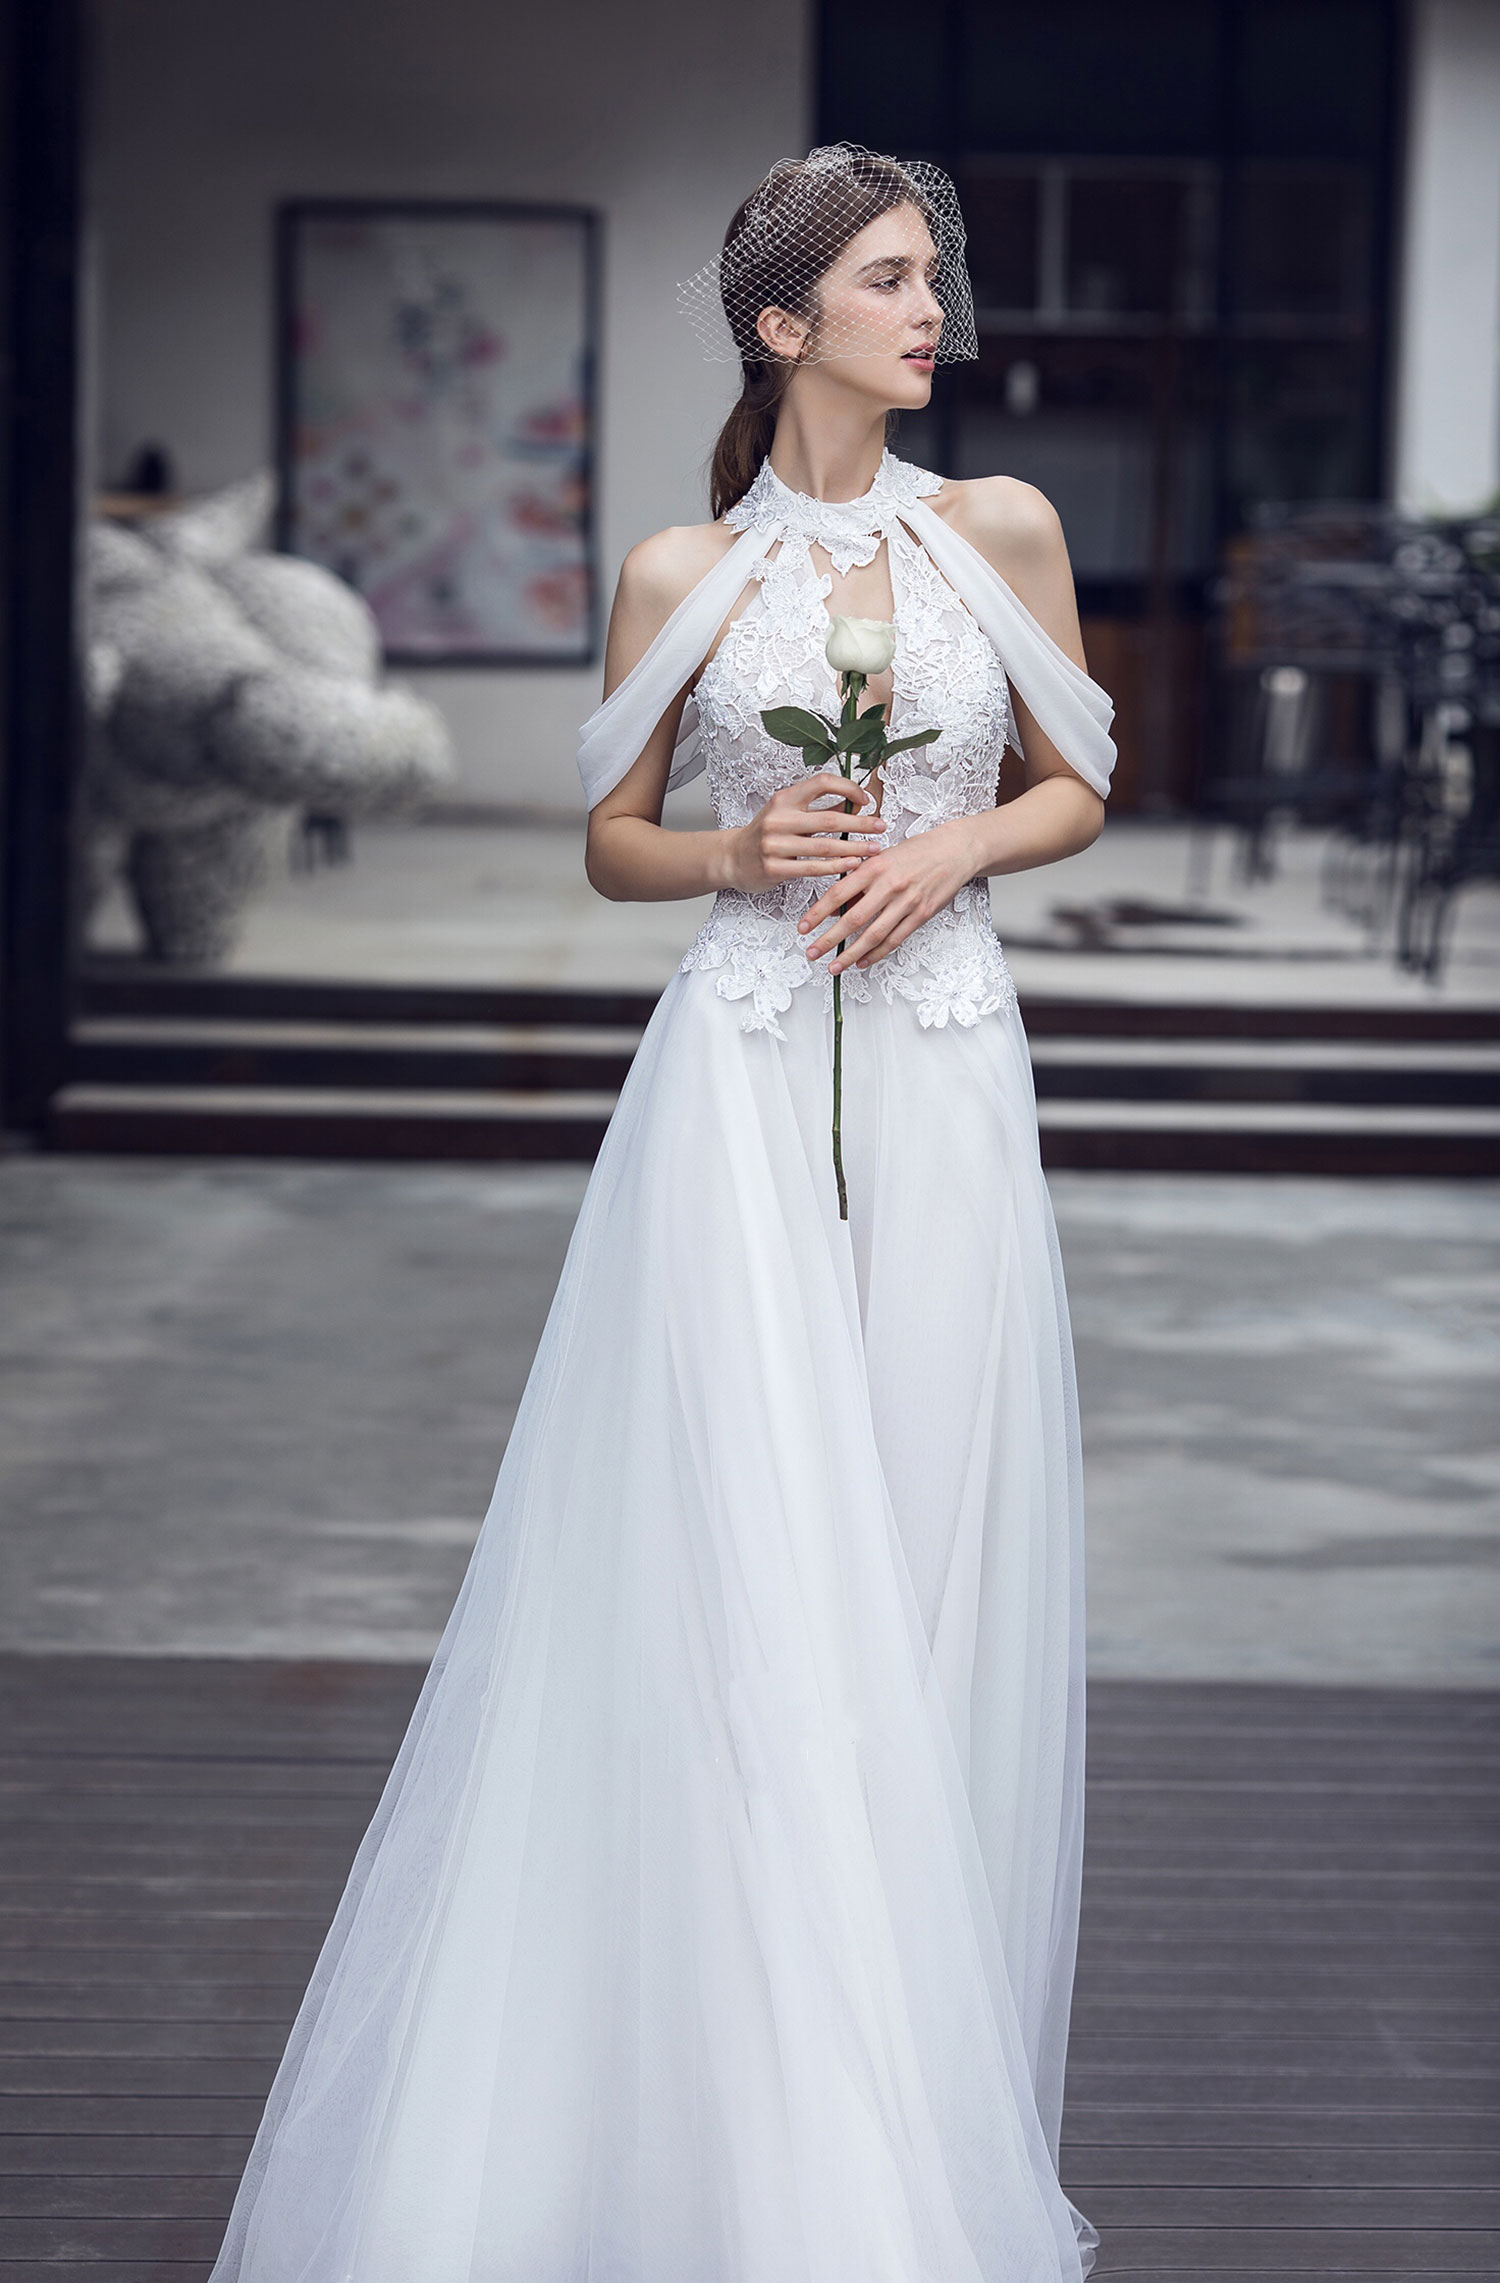 halter-plunge-neckline-chiffon-flowy-wedding-dress.jpg